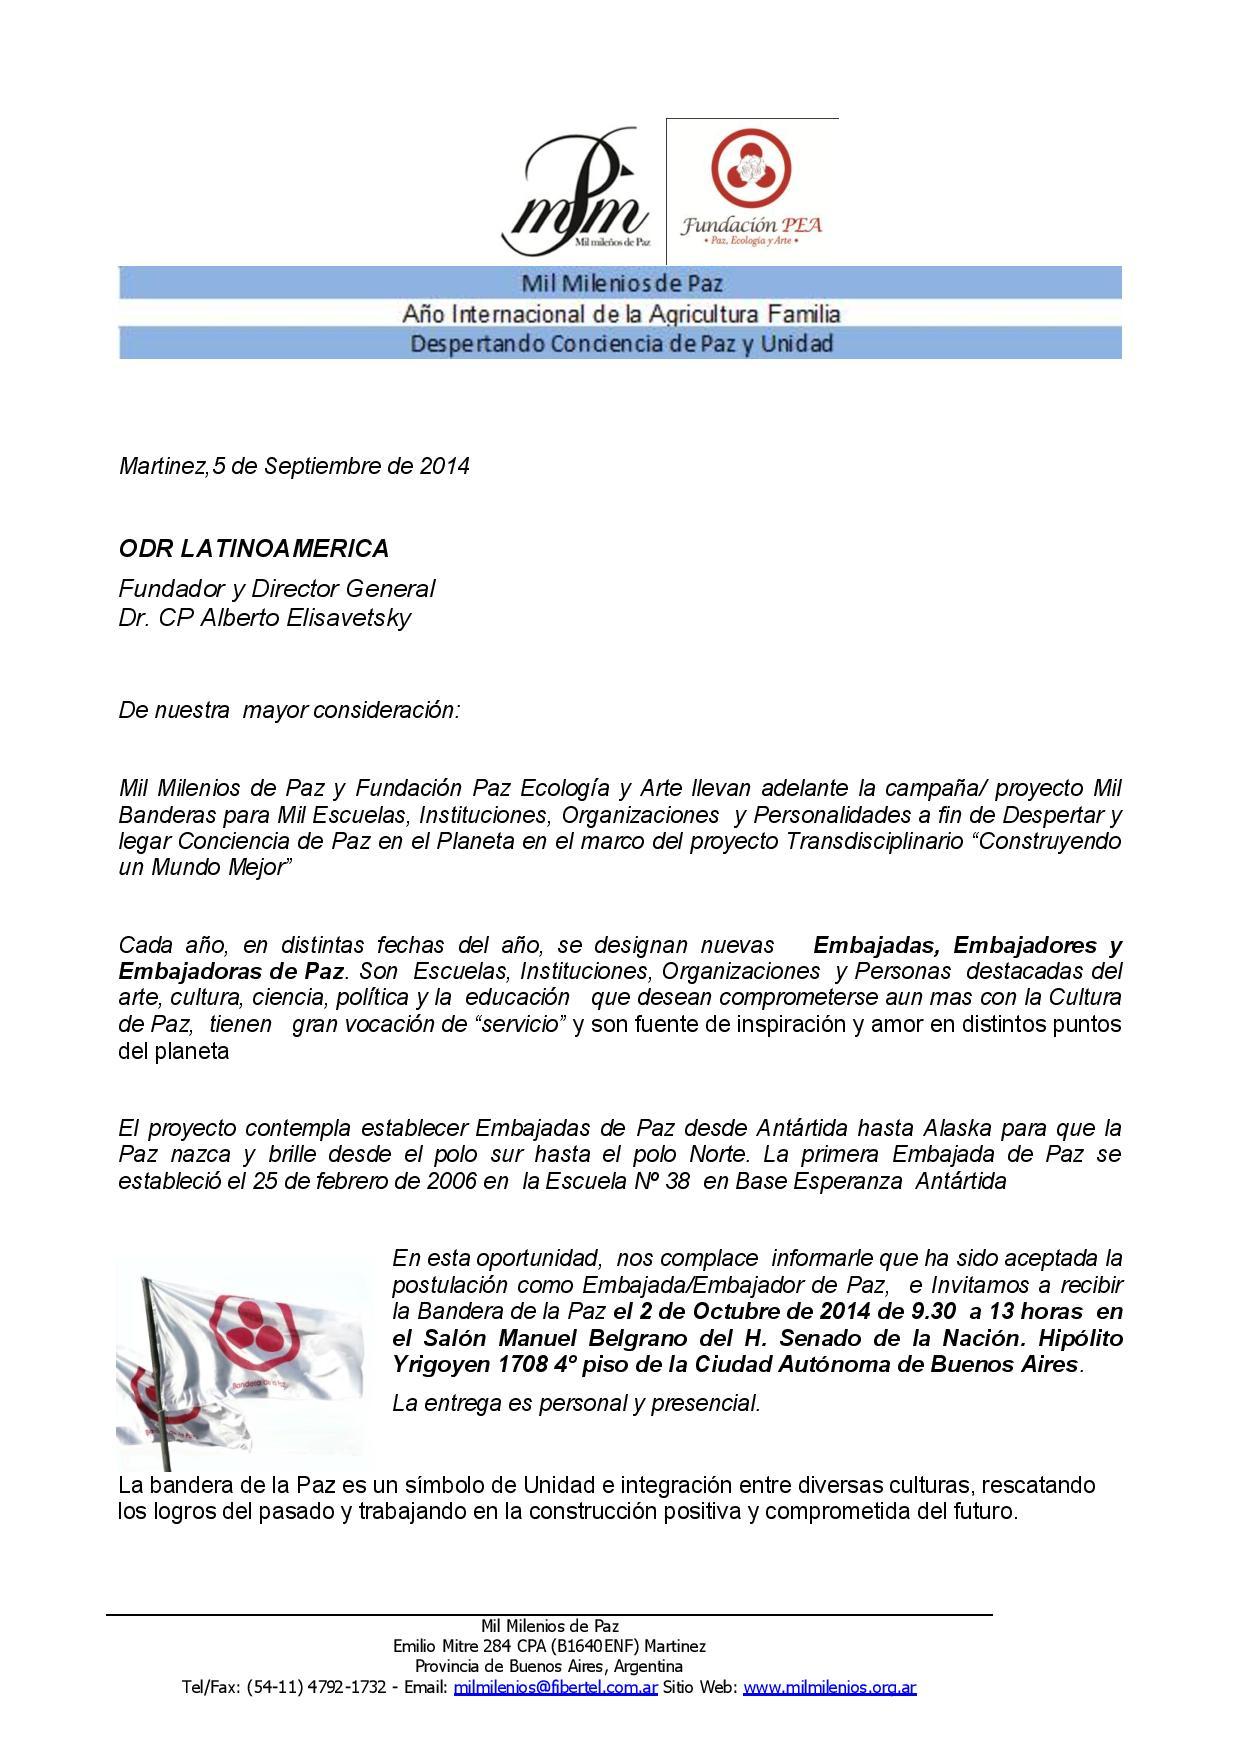 bandera-de-paz-1-page-001